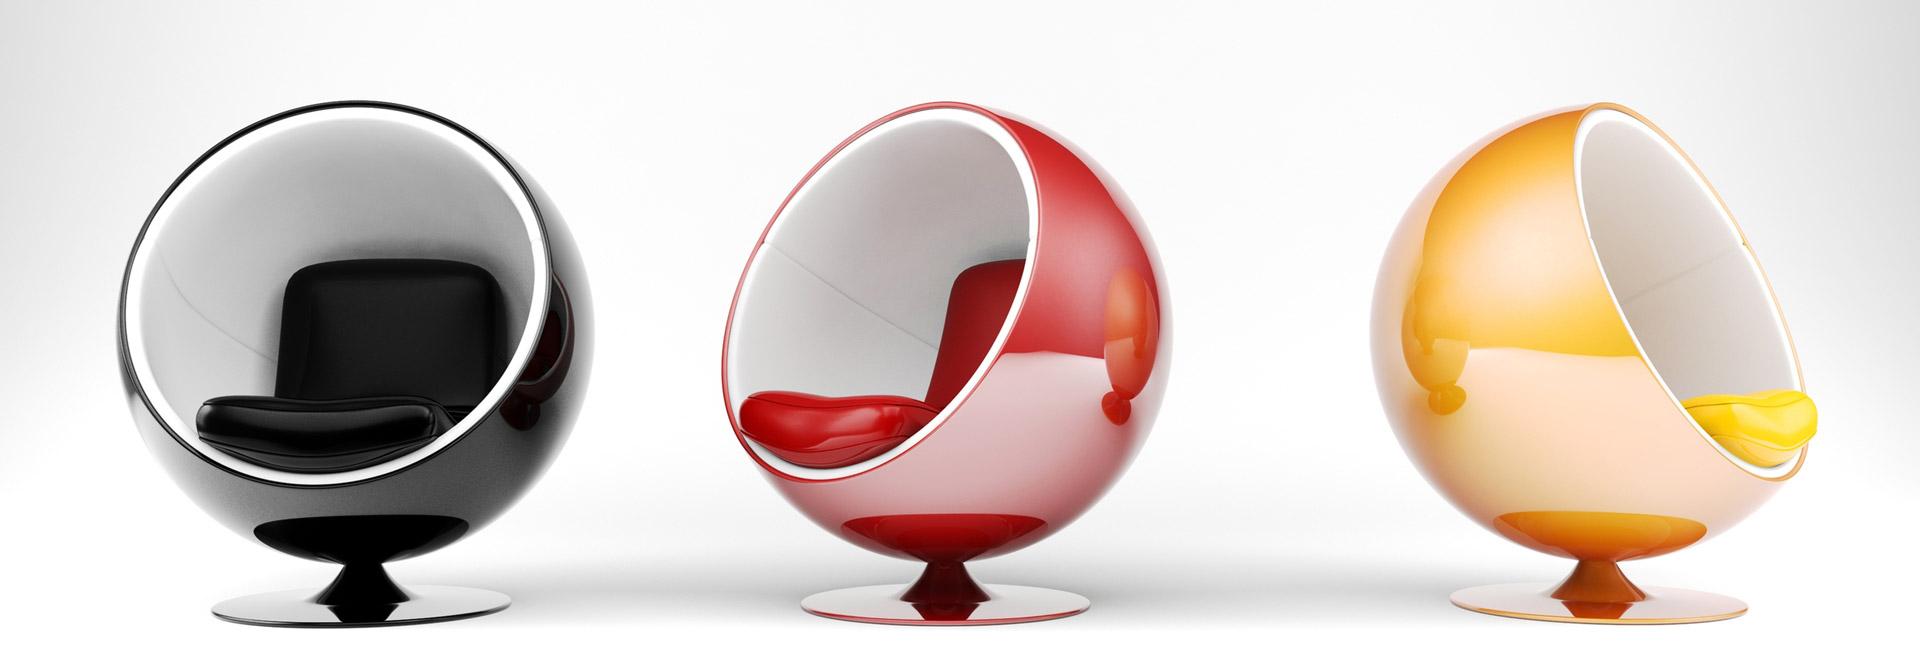 FURNeCorp – Feedback-Management in der Möbel- und Einrichtungsbranche